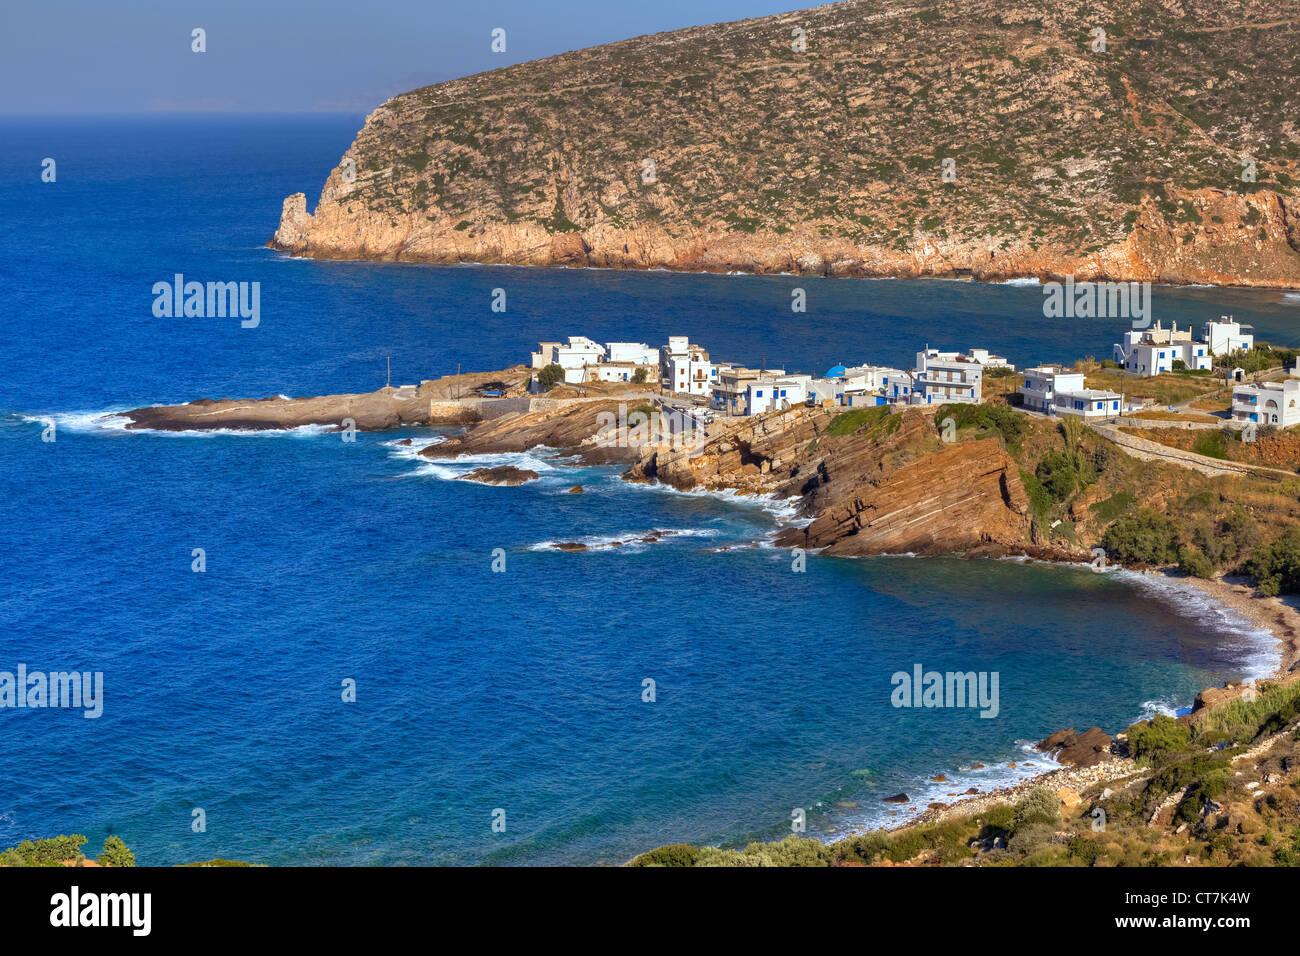 Fischerdorf, Apollonas, Naxos, Griechenland Stockbild